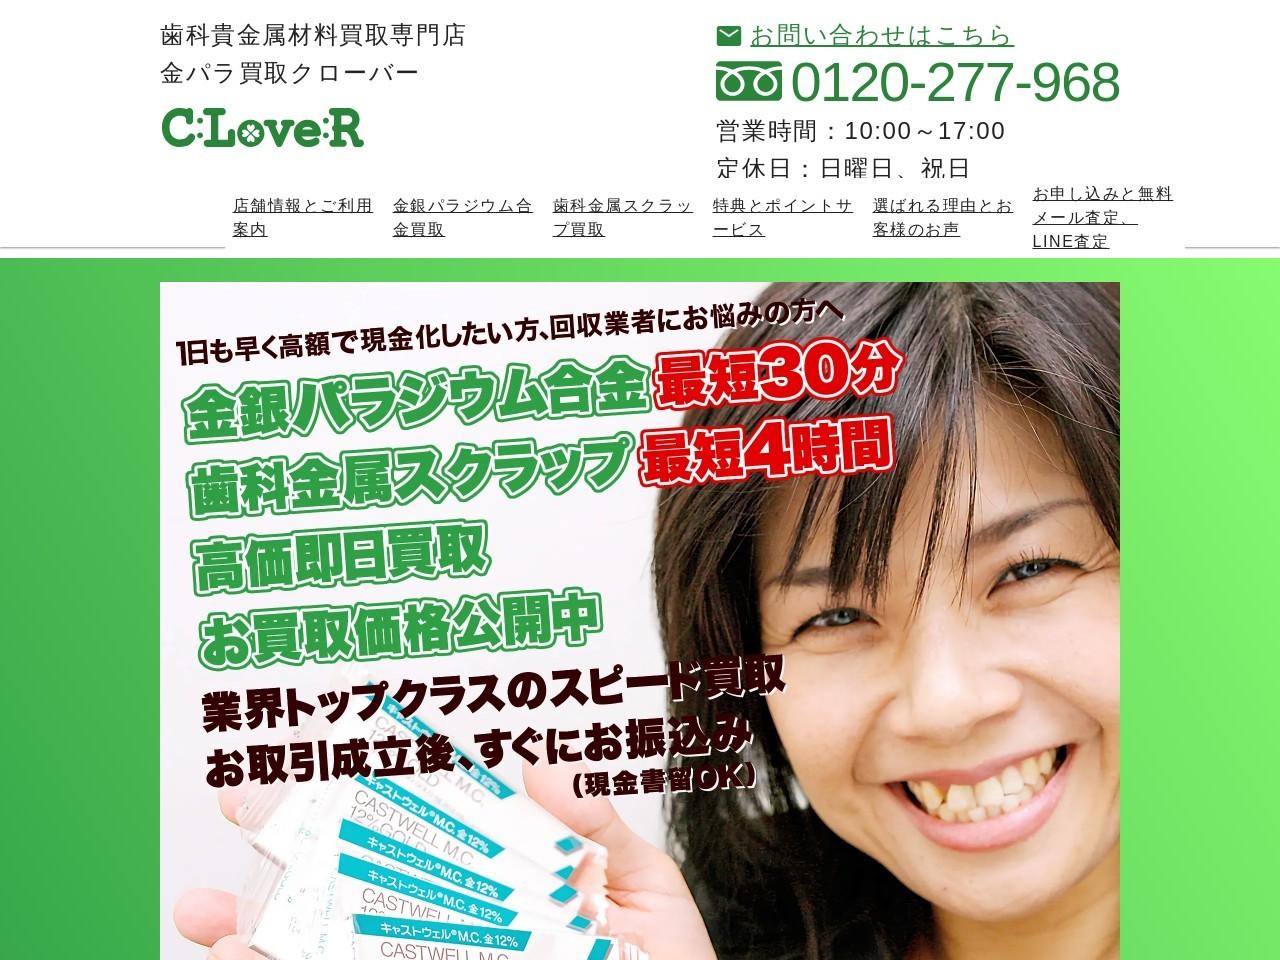 歯科用金パラジウム買取と歯科貴金属買取(スクラップ)